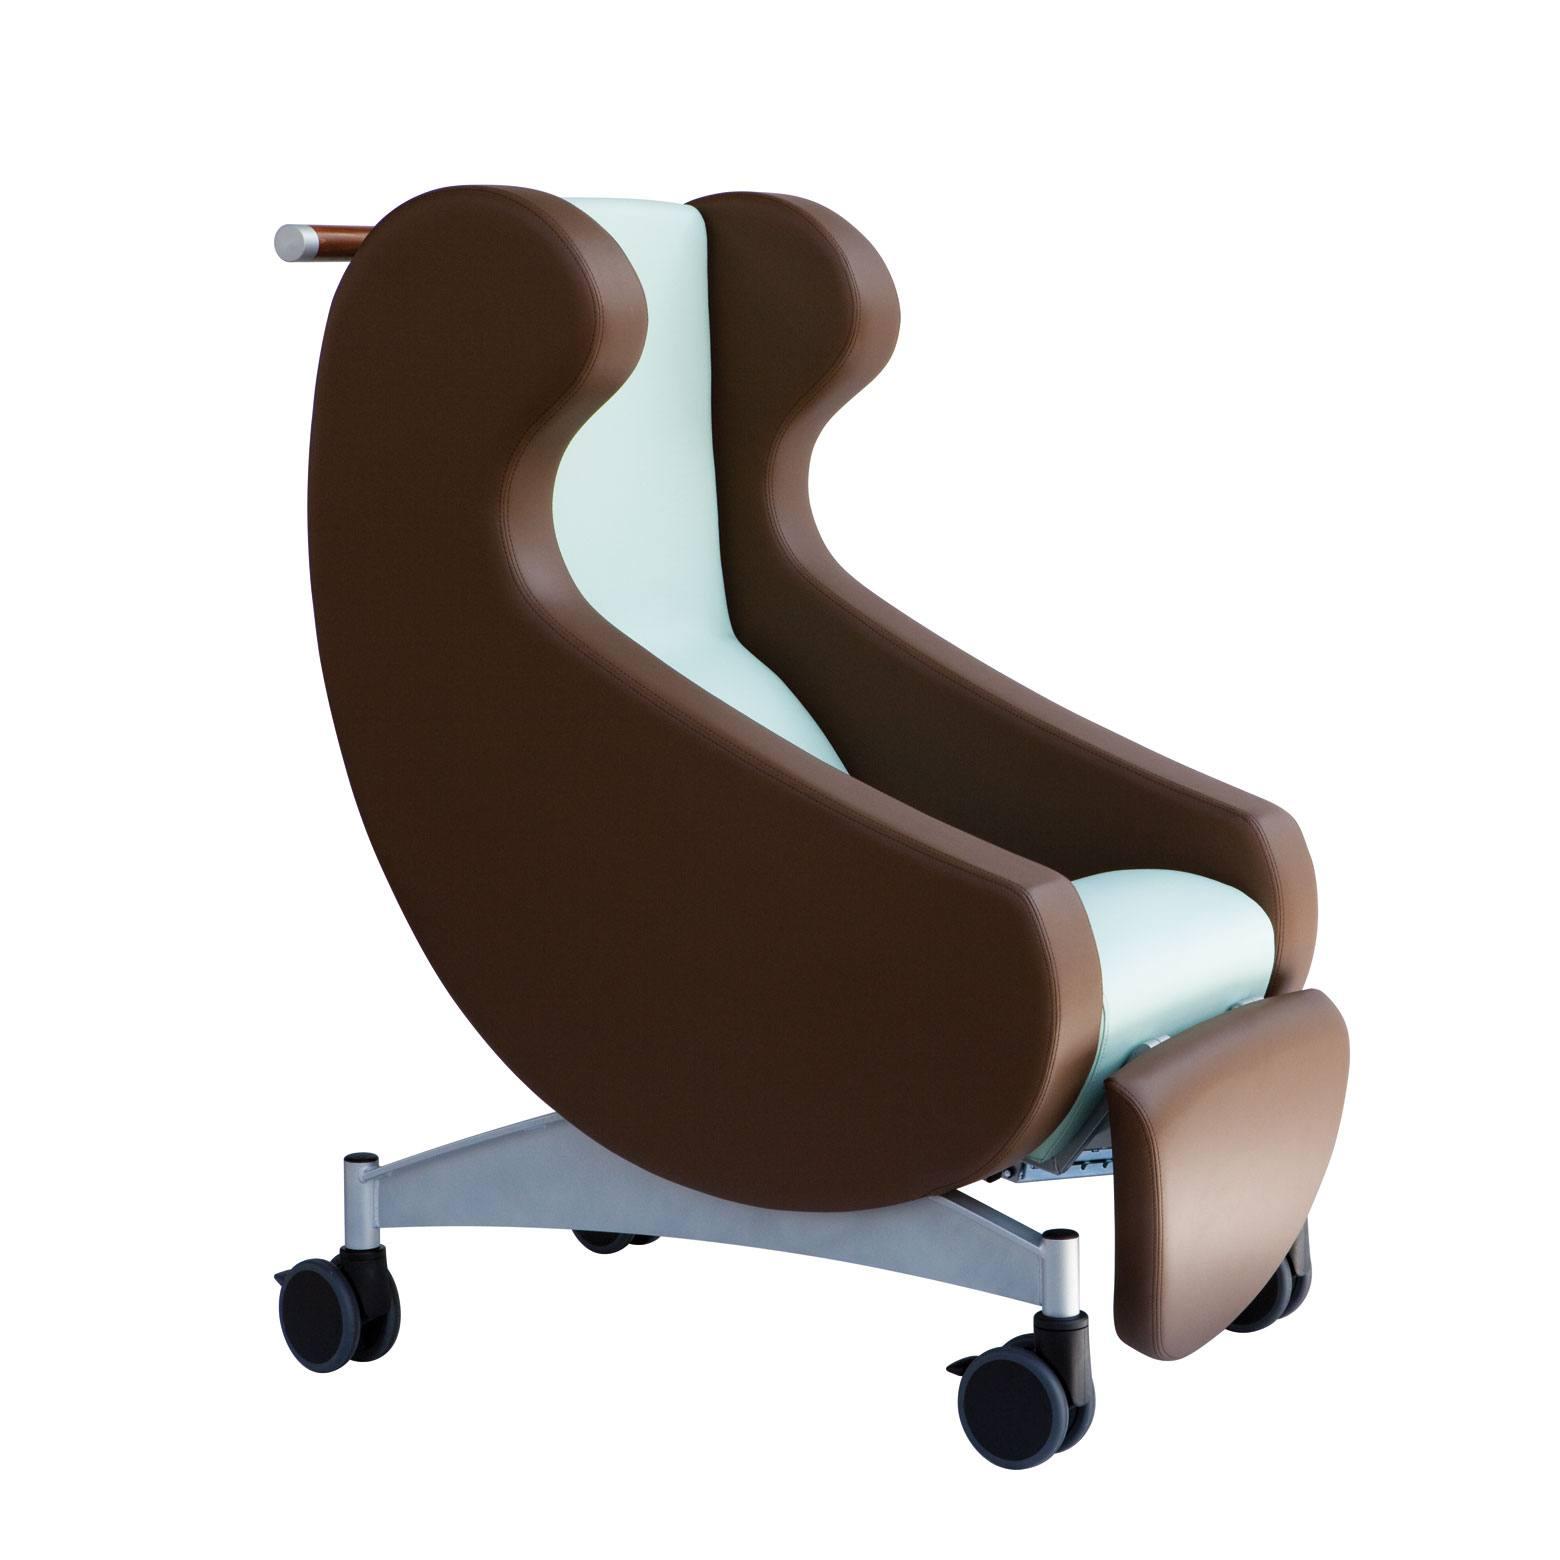 Hvilestol i tryghedsskabende design